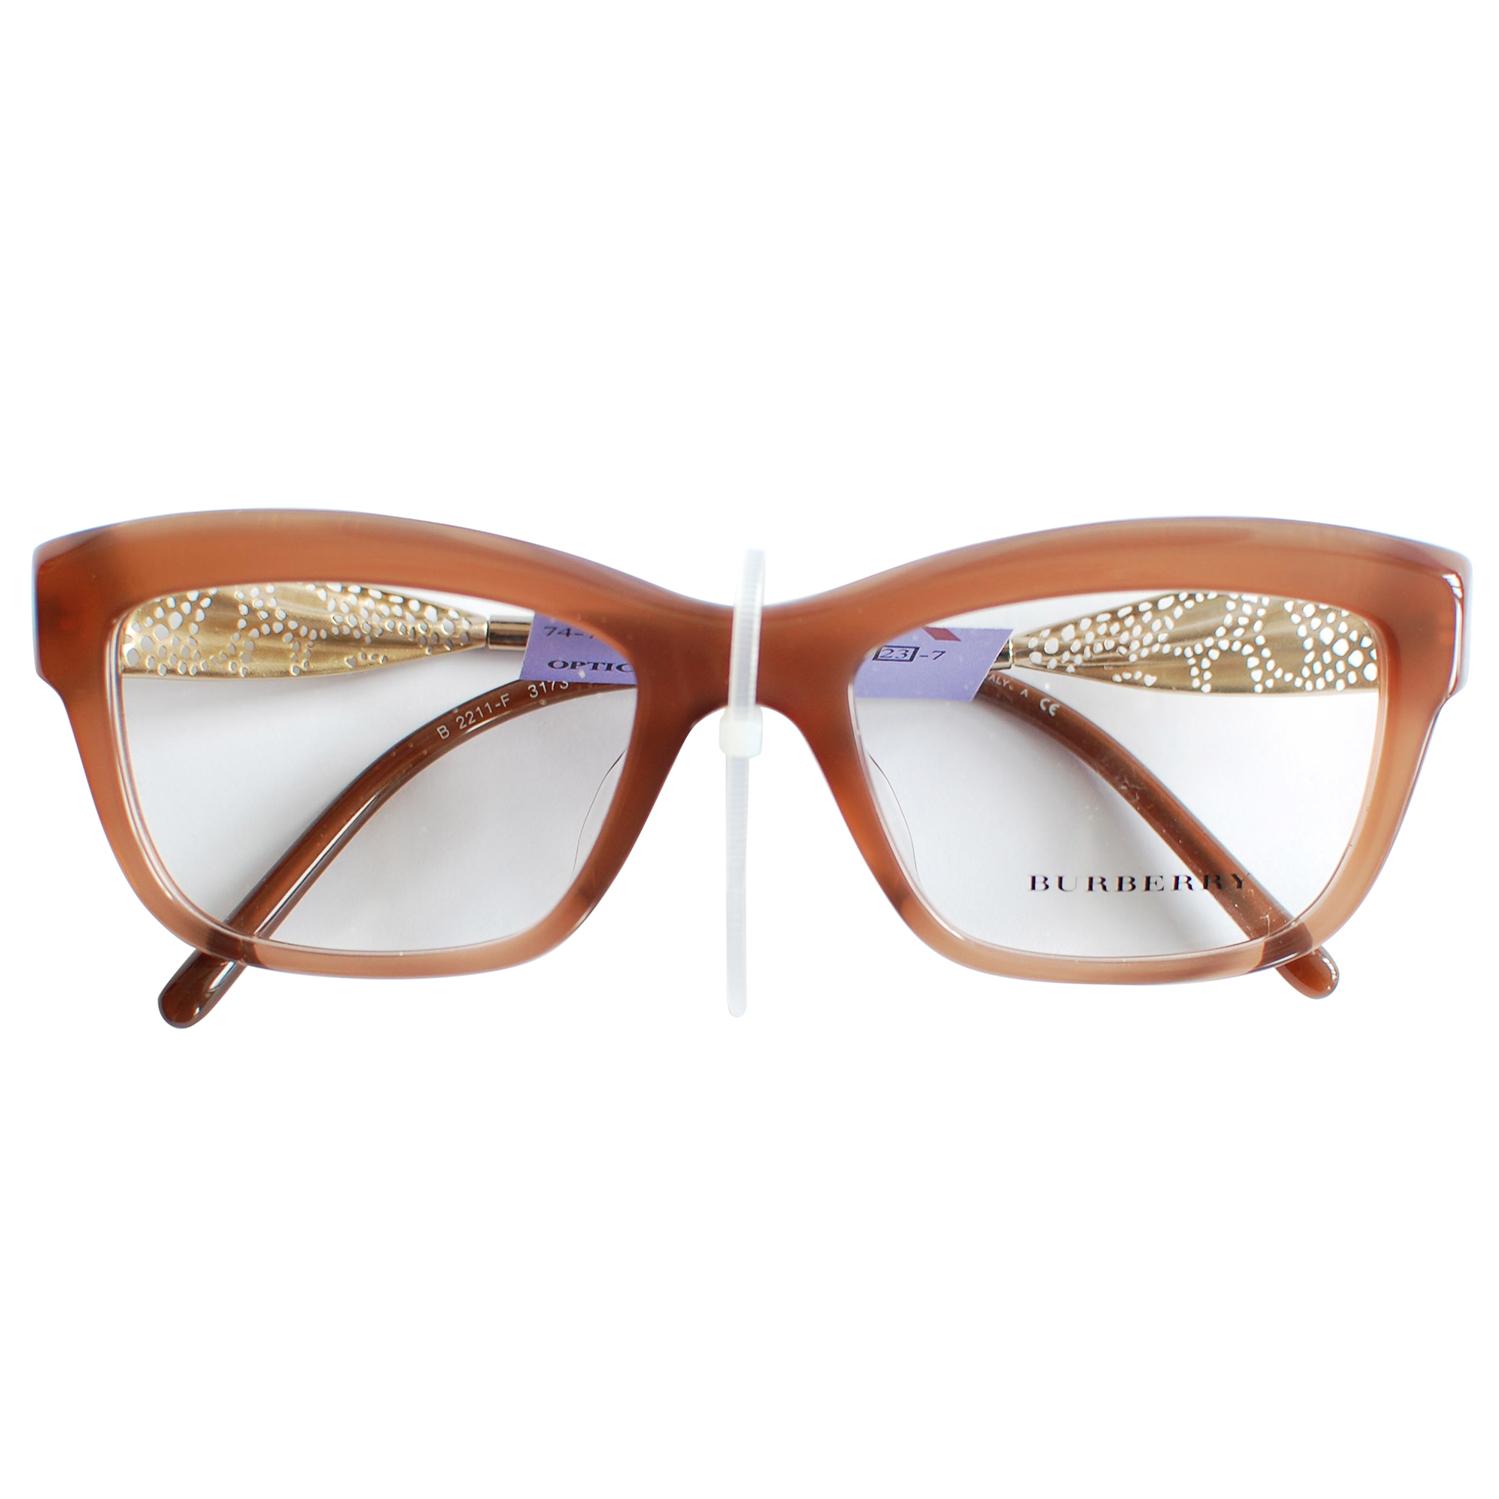 10a5c5f9a4af Burberry Optical Glasses